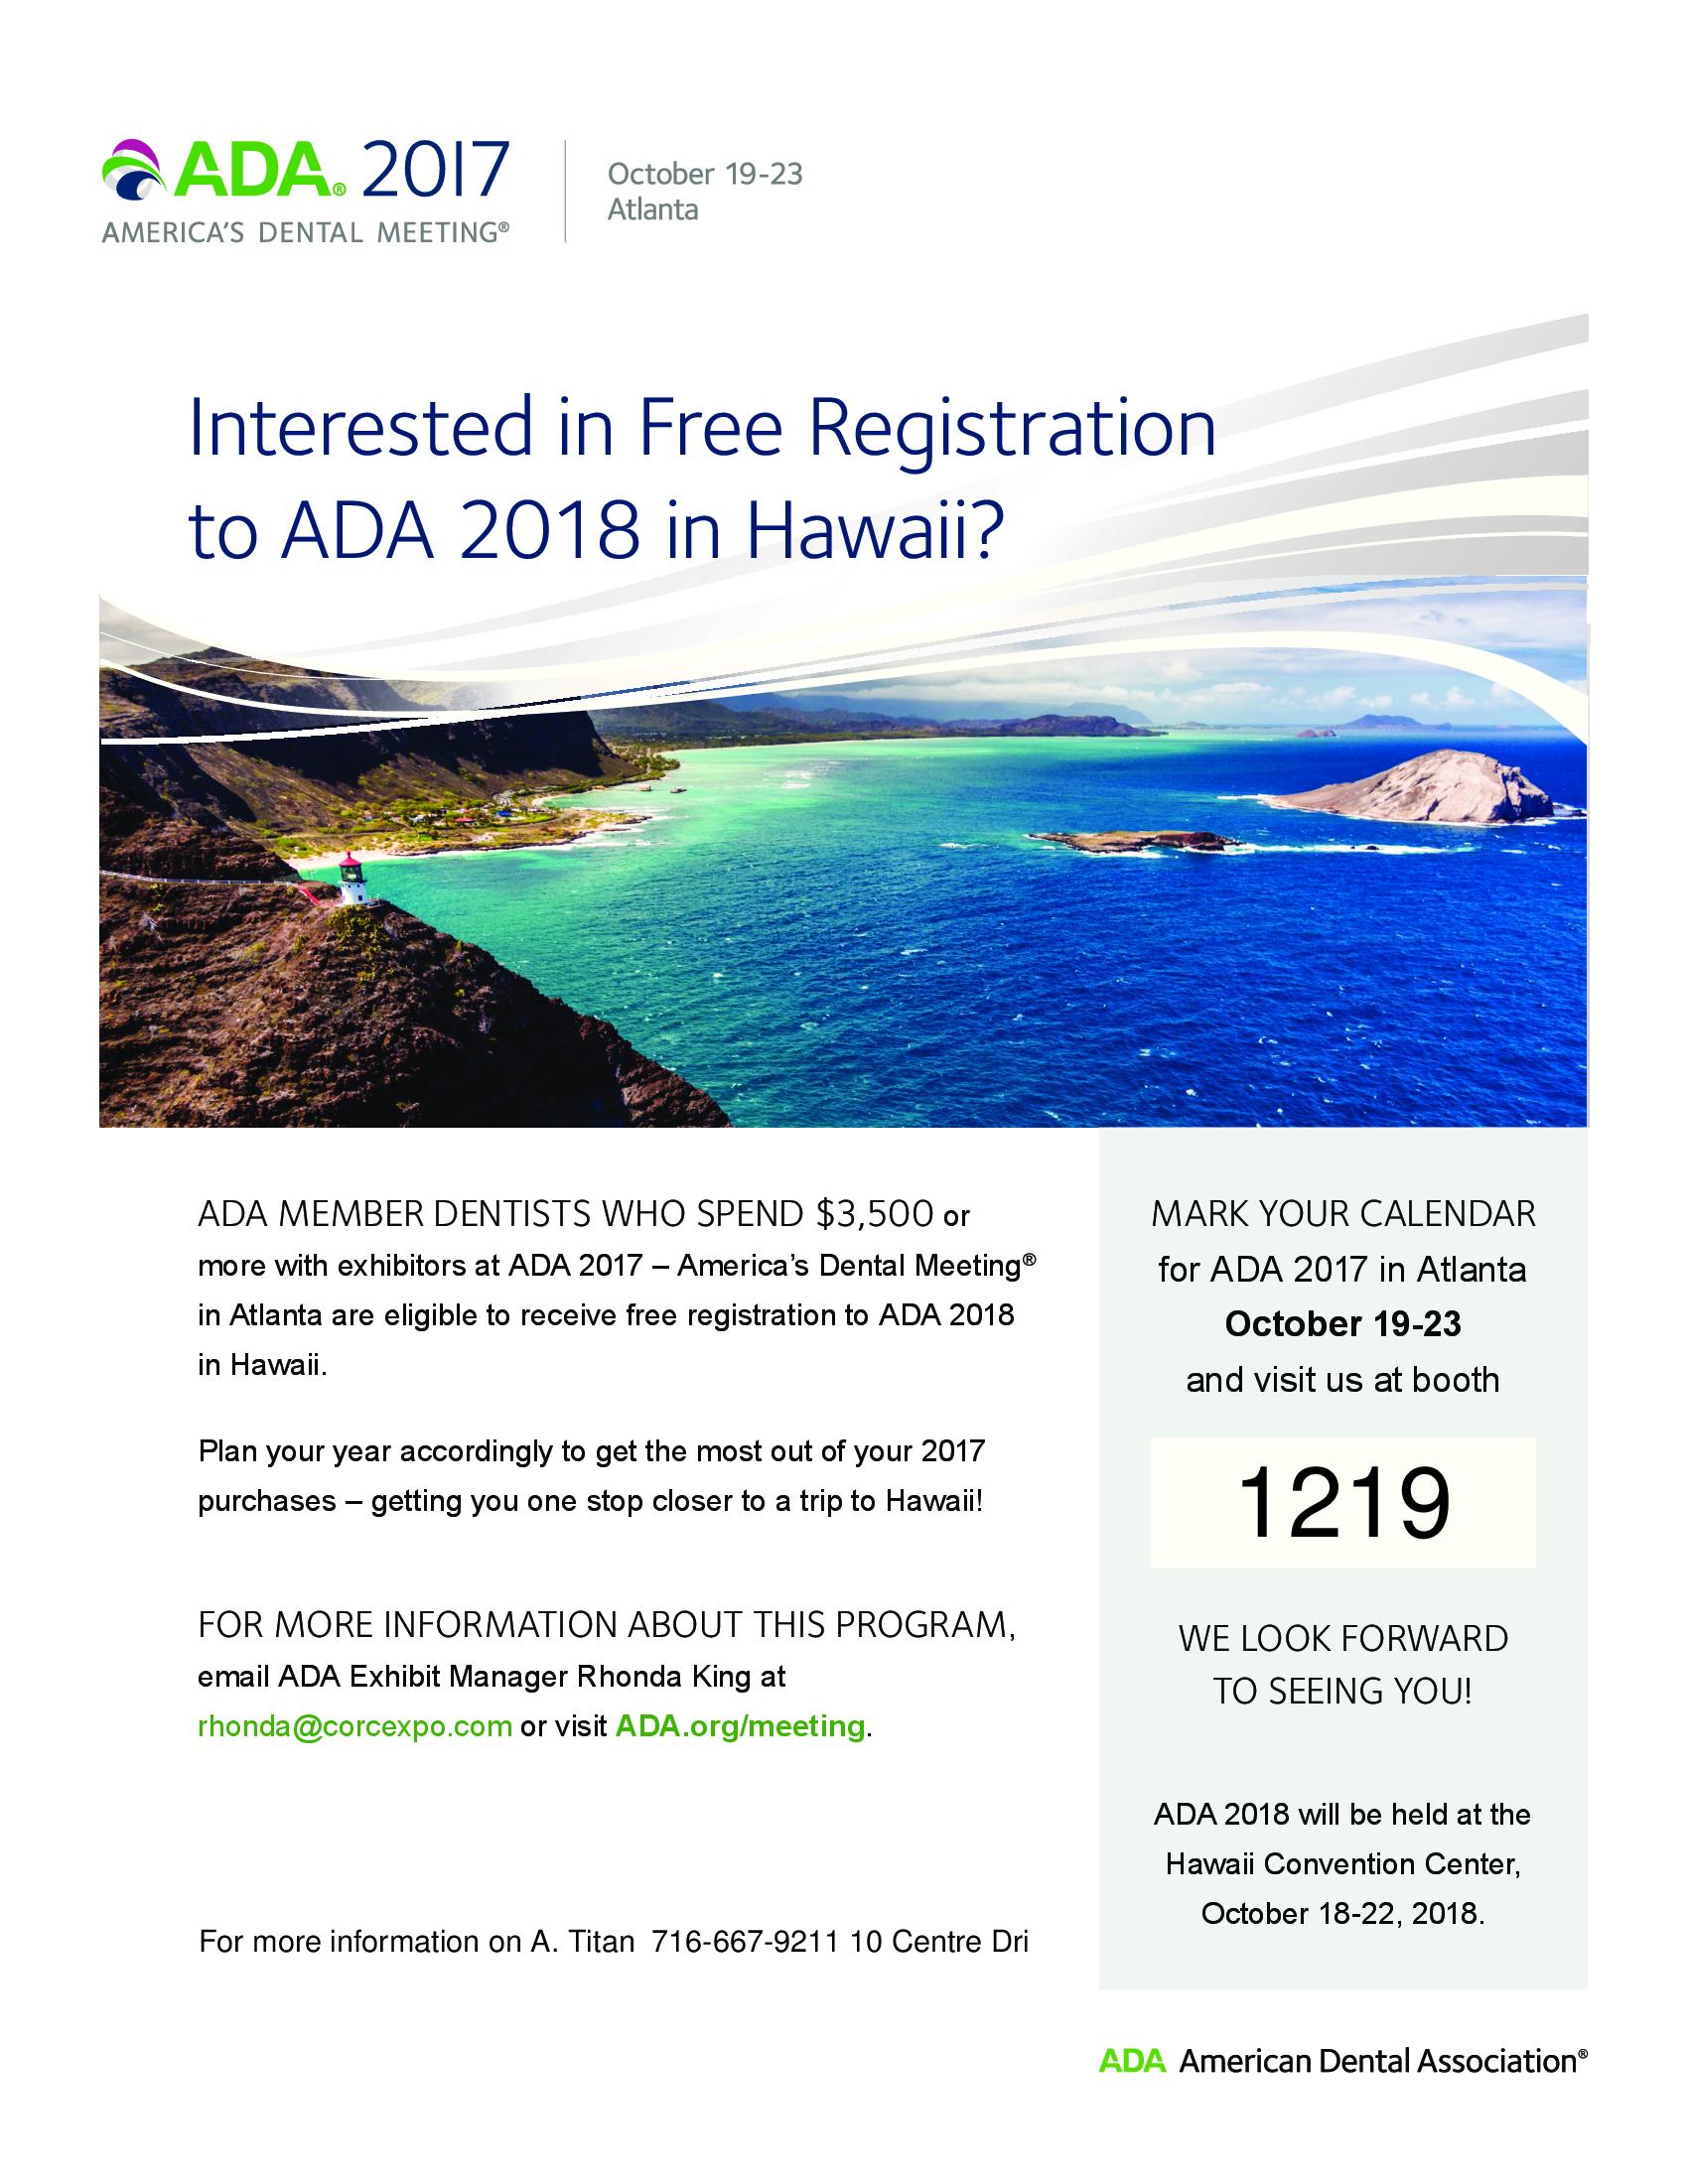 ADA Purchase Incentive Program